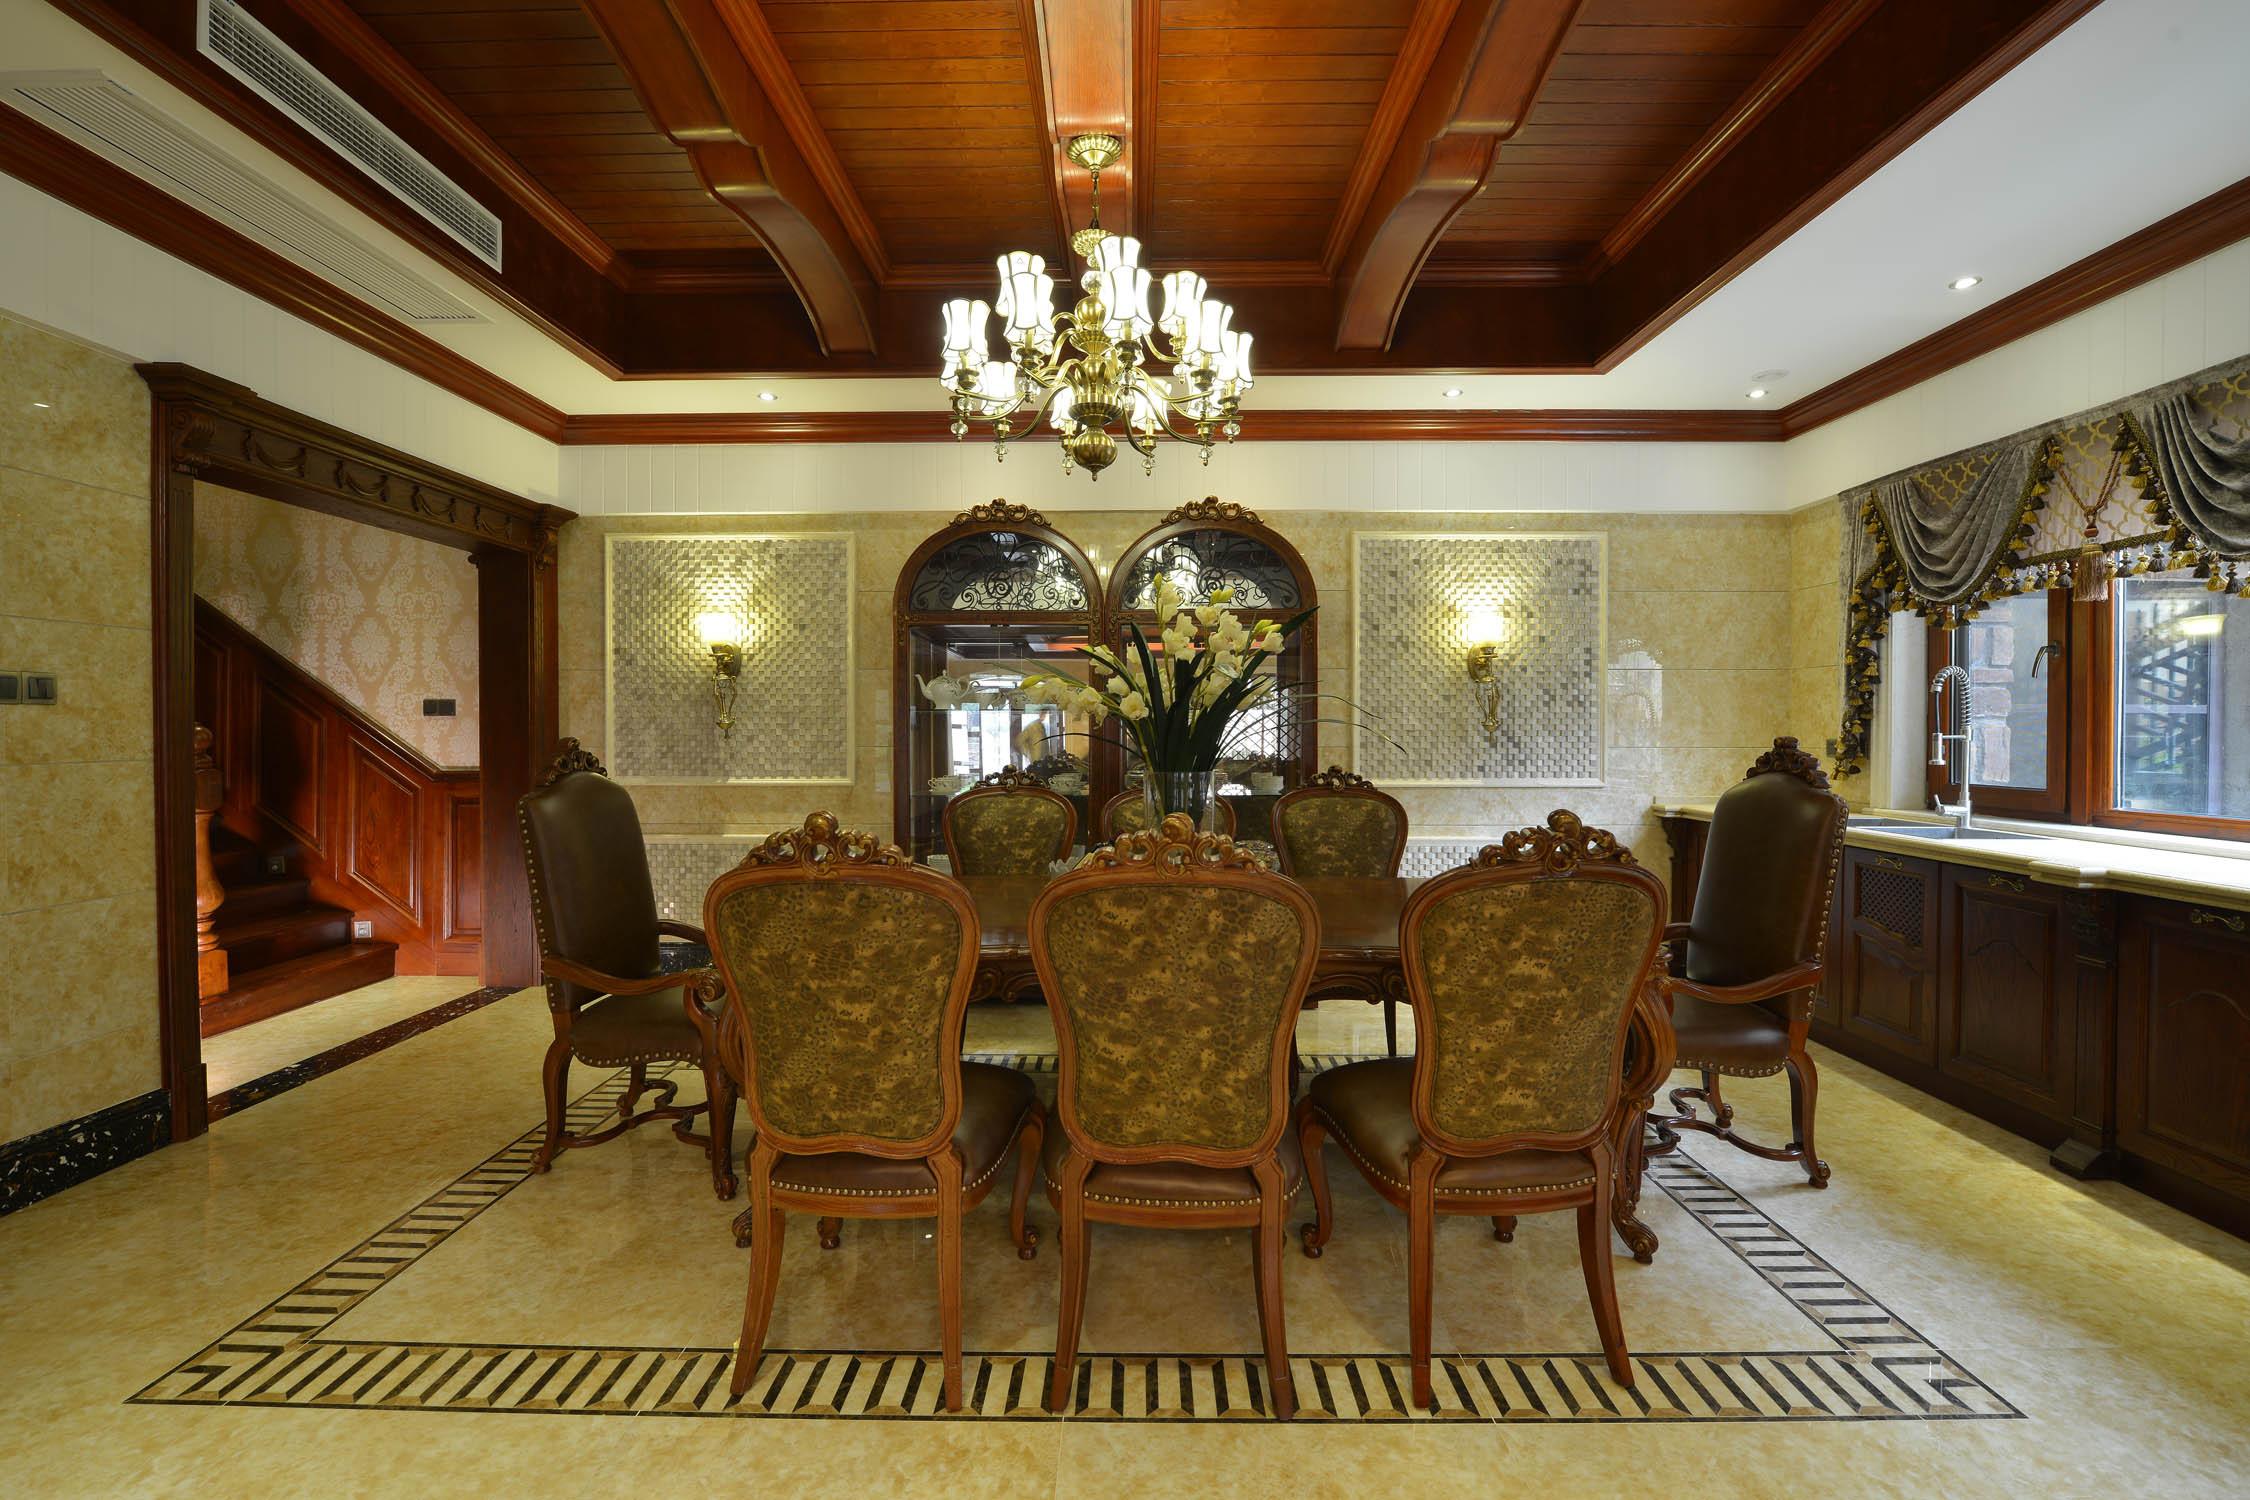 美式风格别墅装修餐厅装潢图